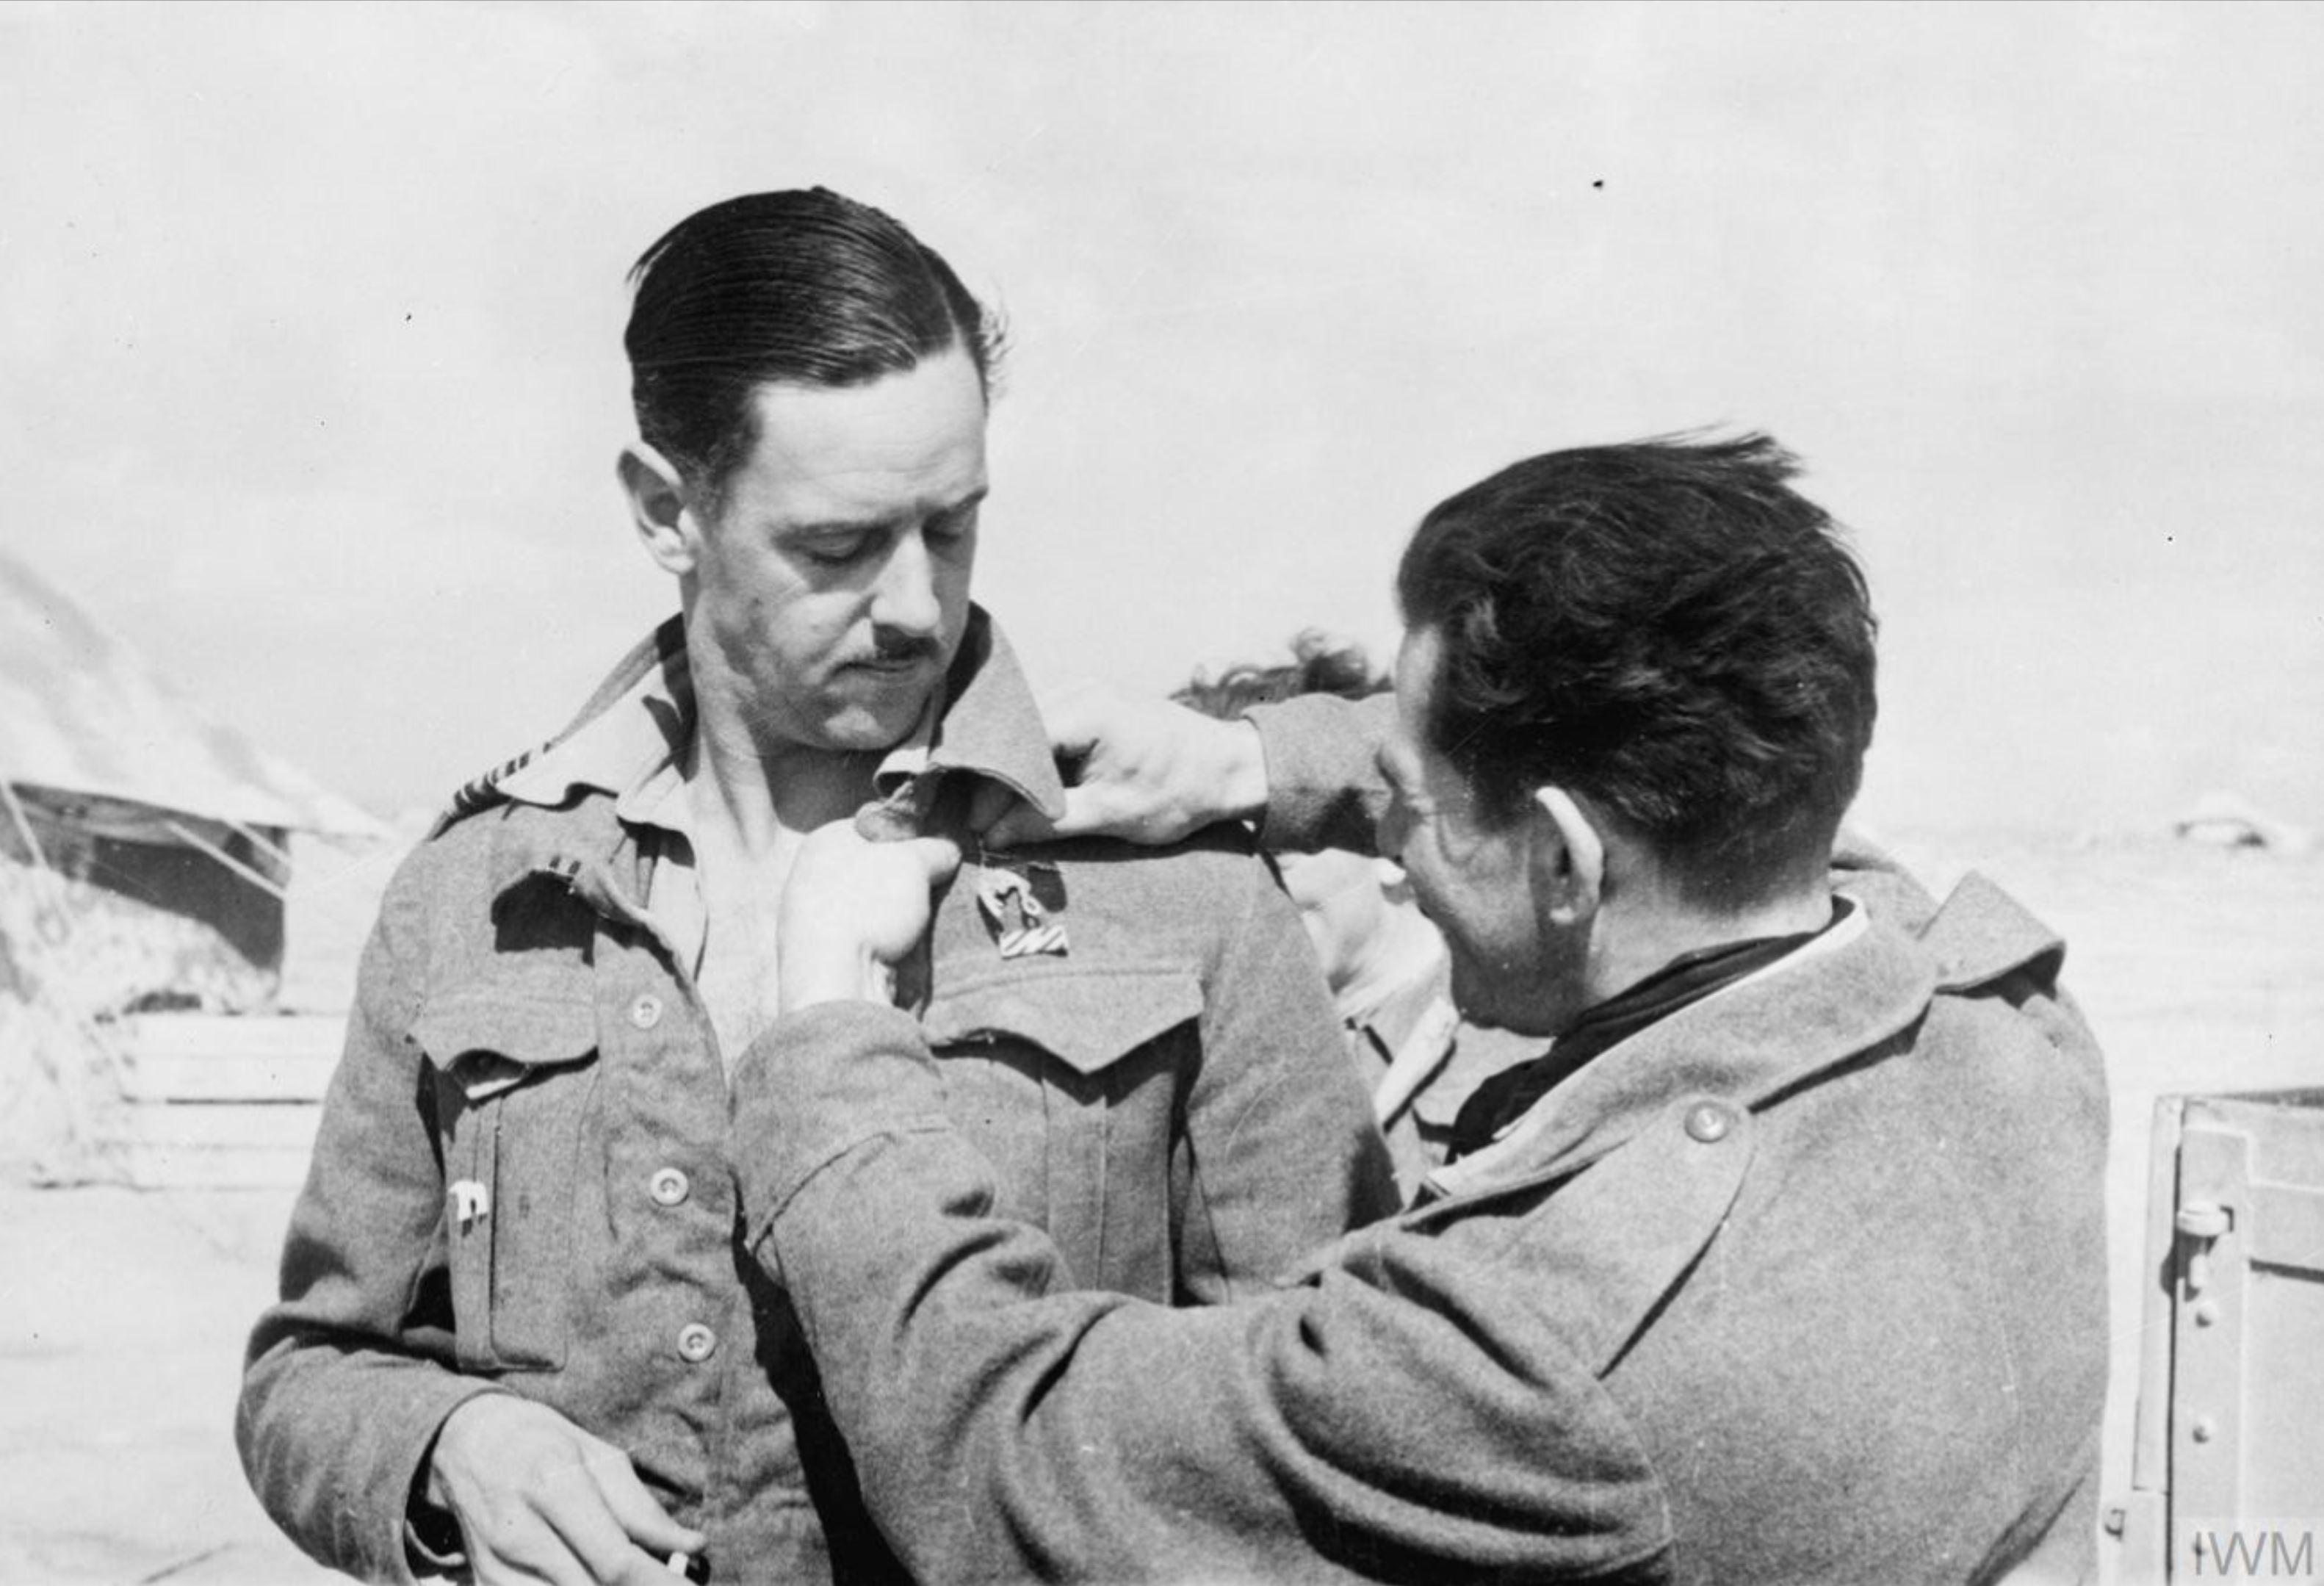 Aircrew RAF 112Sqn RAAF Sqn Ldr Clive Caldwell at Gambut 24 Mar 1942 IWM CM2419